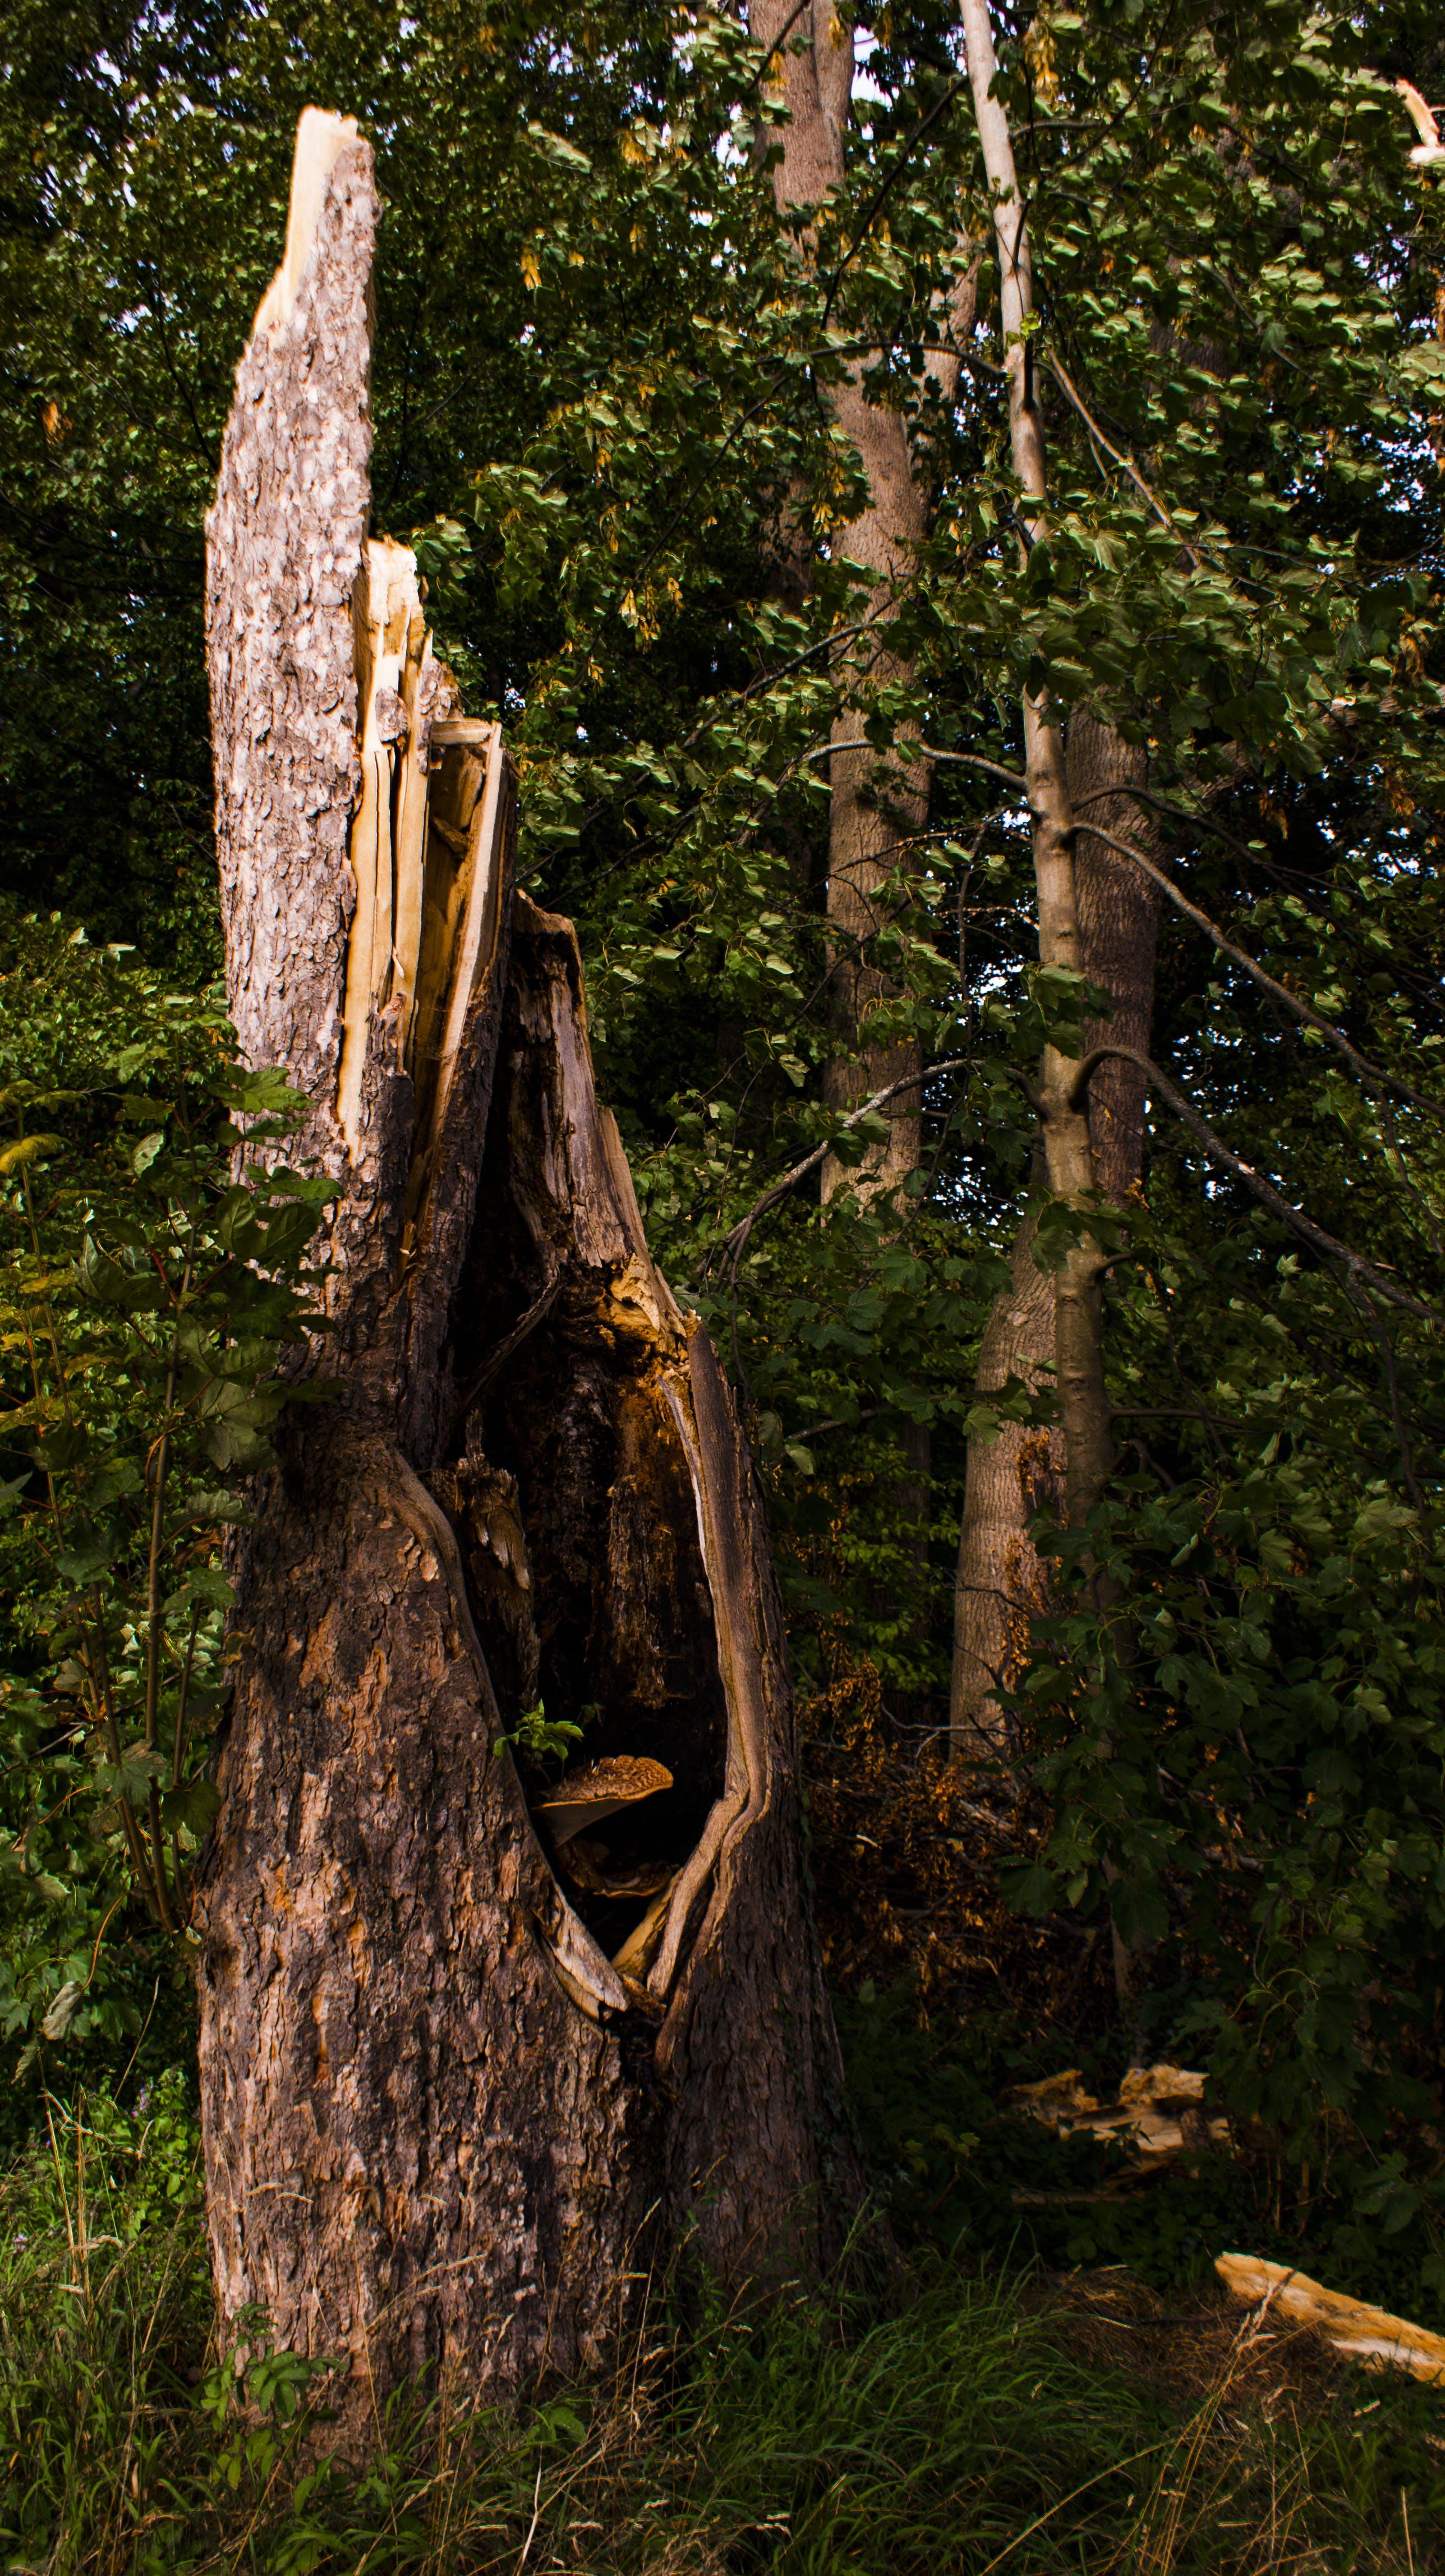 Δωρεάν στοκ φωτογραφιών με δασικός, κορμός δέντρου, μανιτάρι